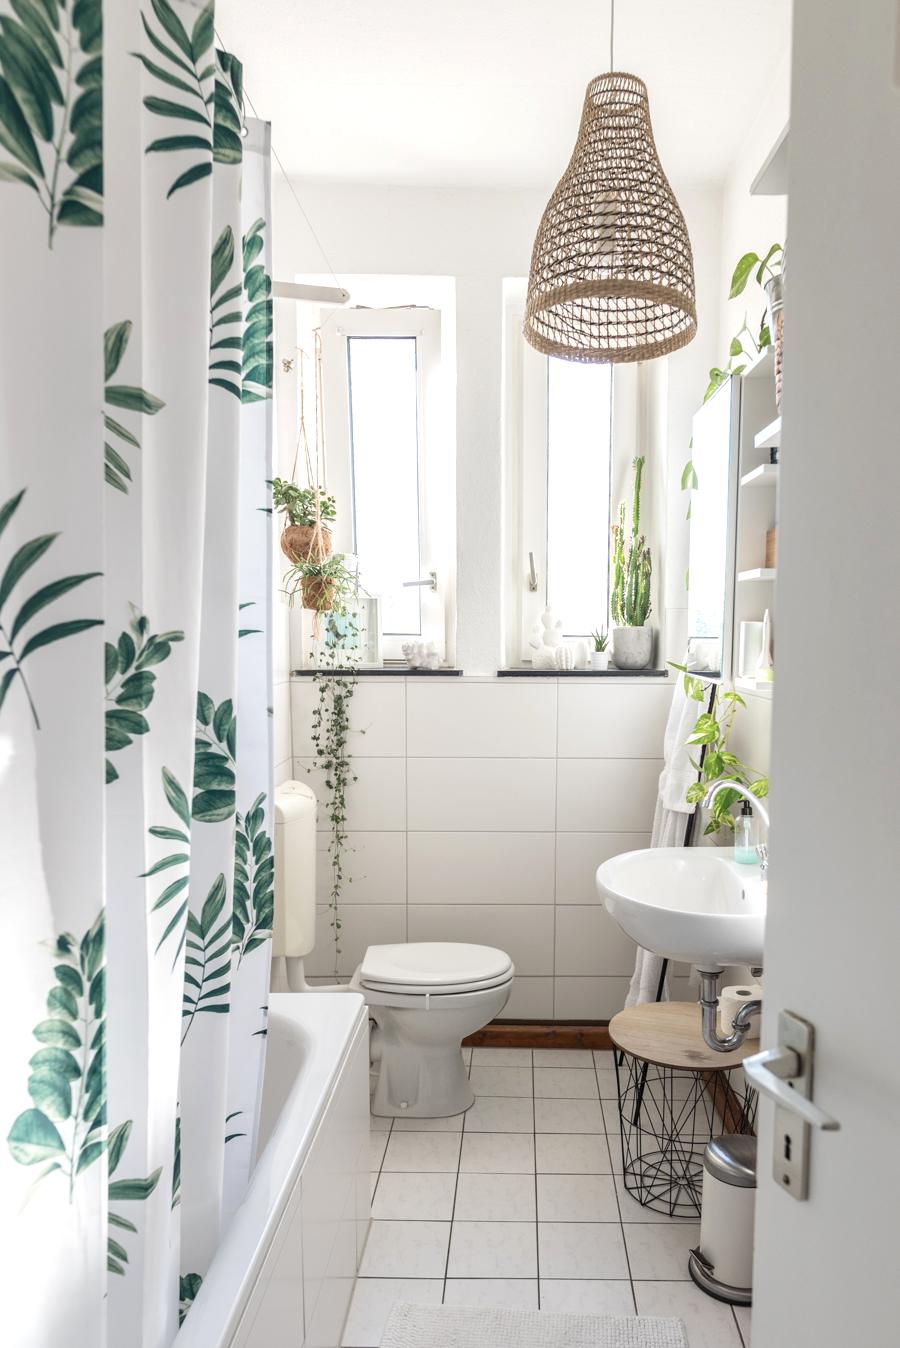 Die besten Grünpflanzen fürs Badezimmer